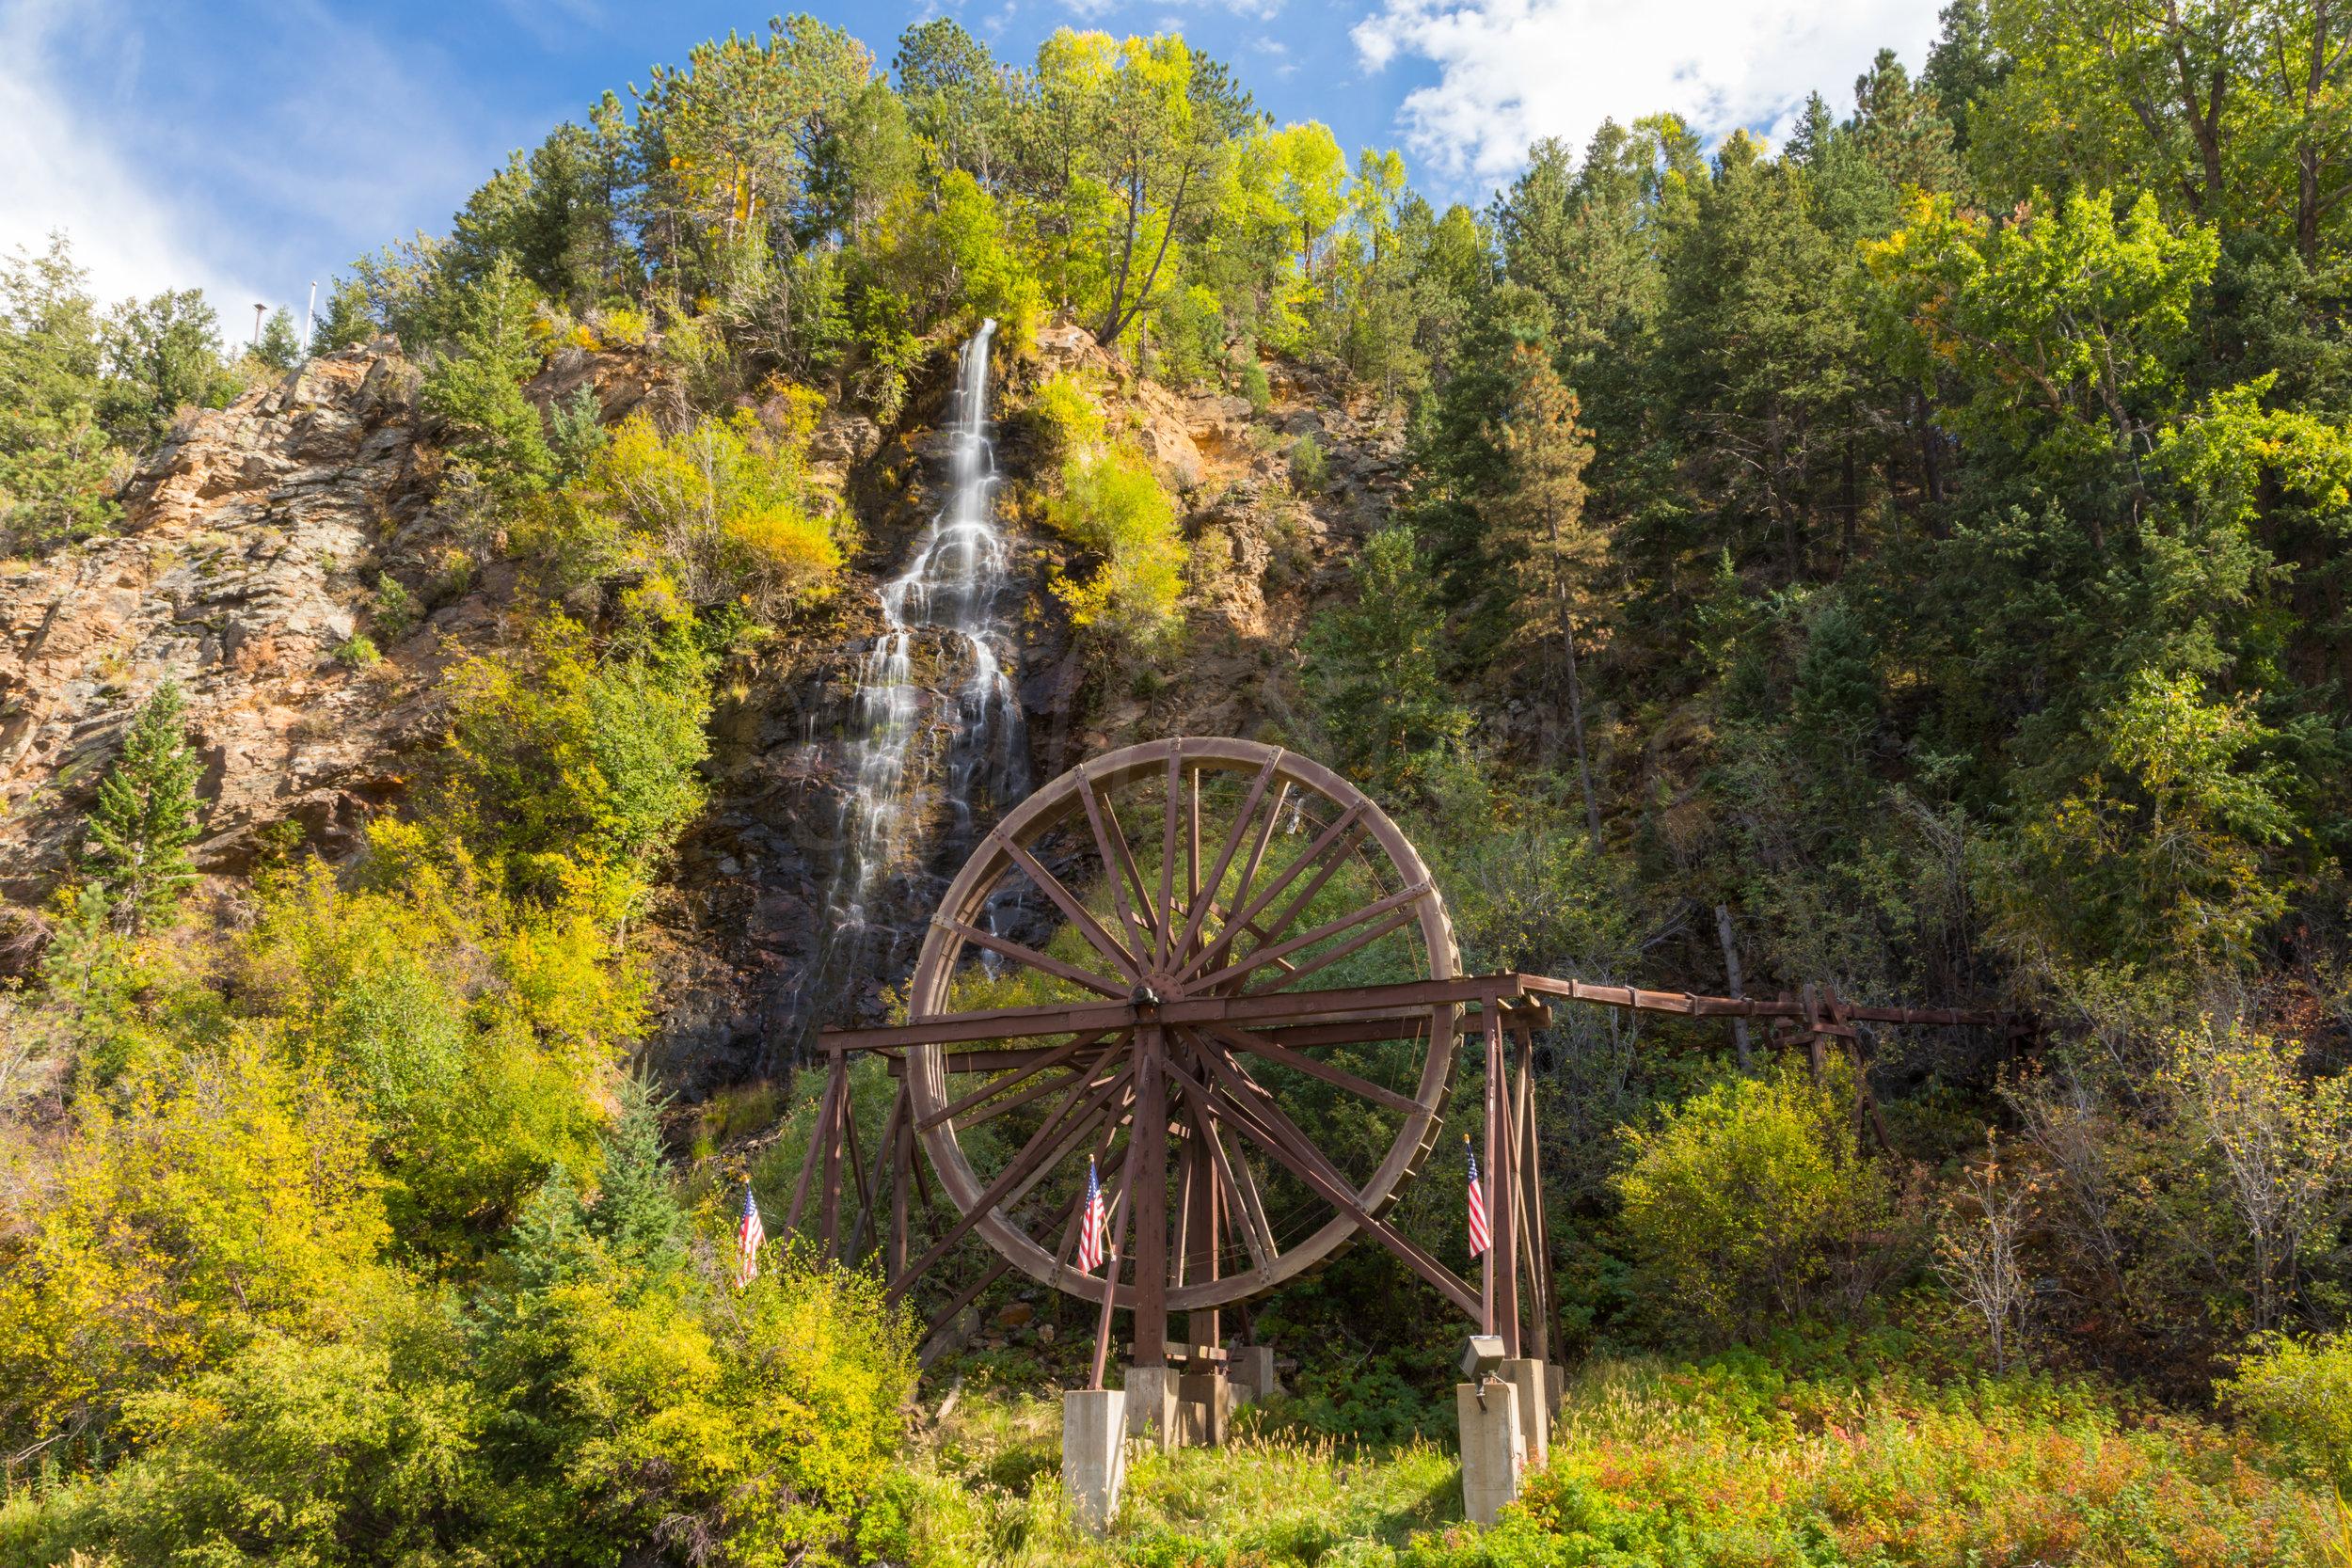 Idaho Springs, Image # 0247